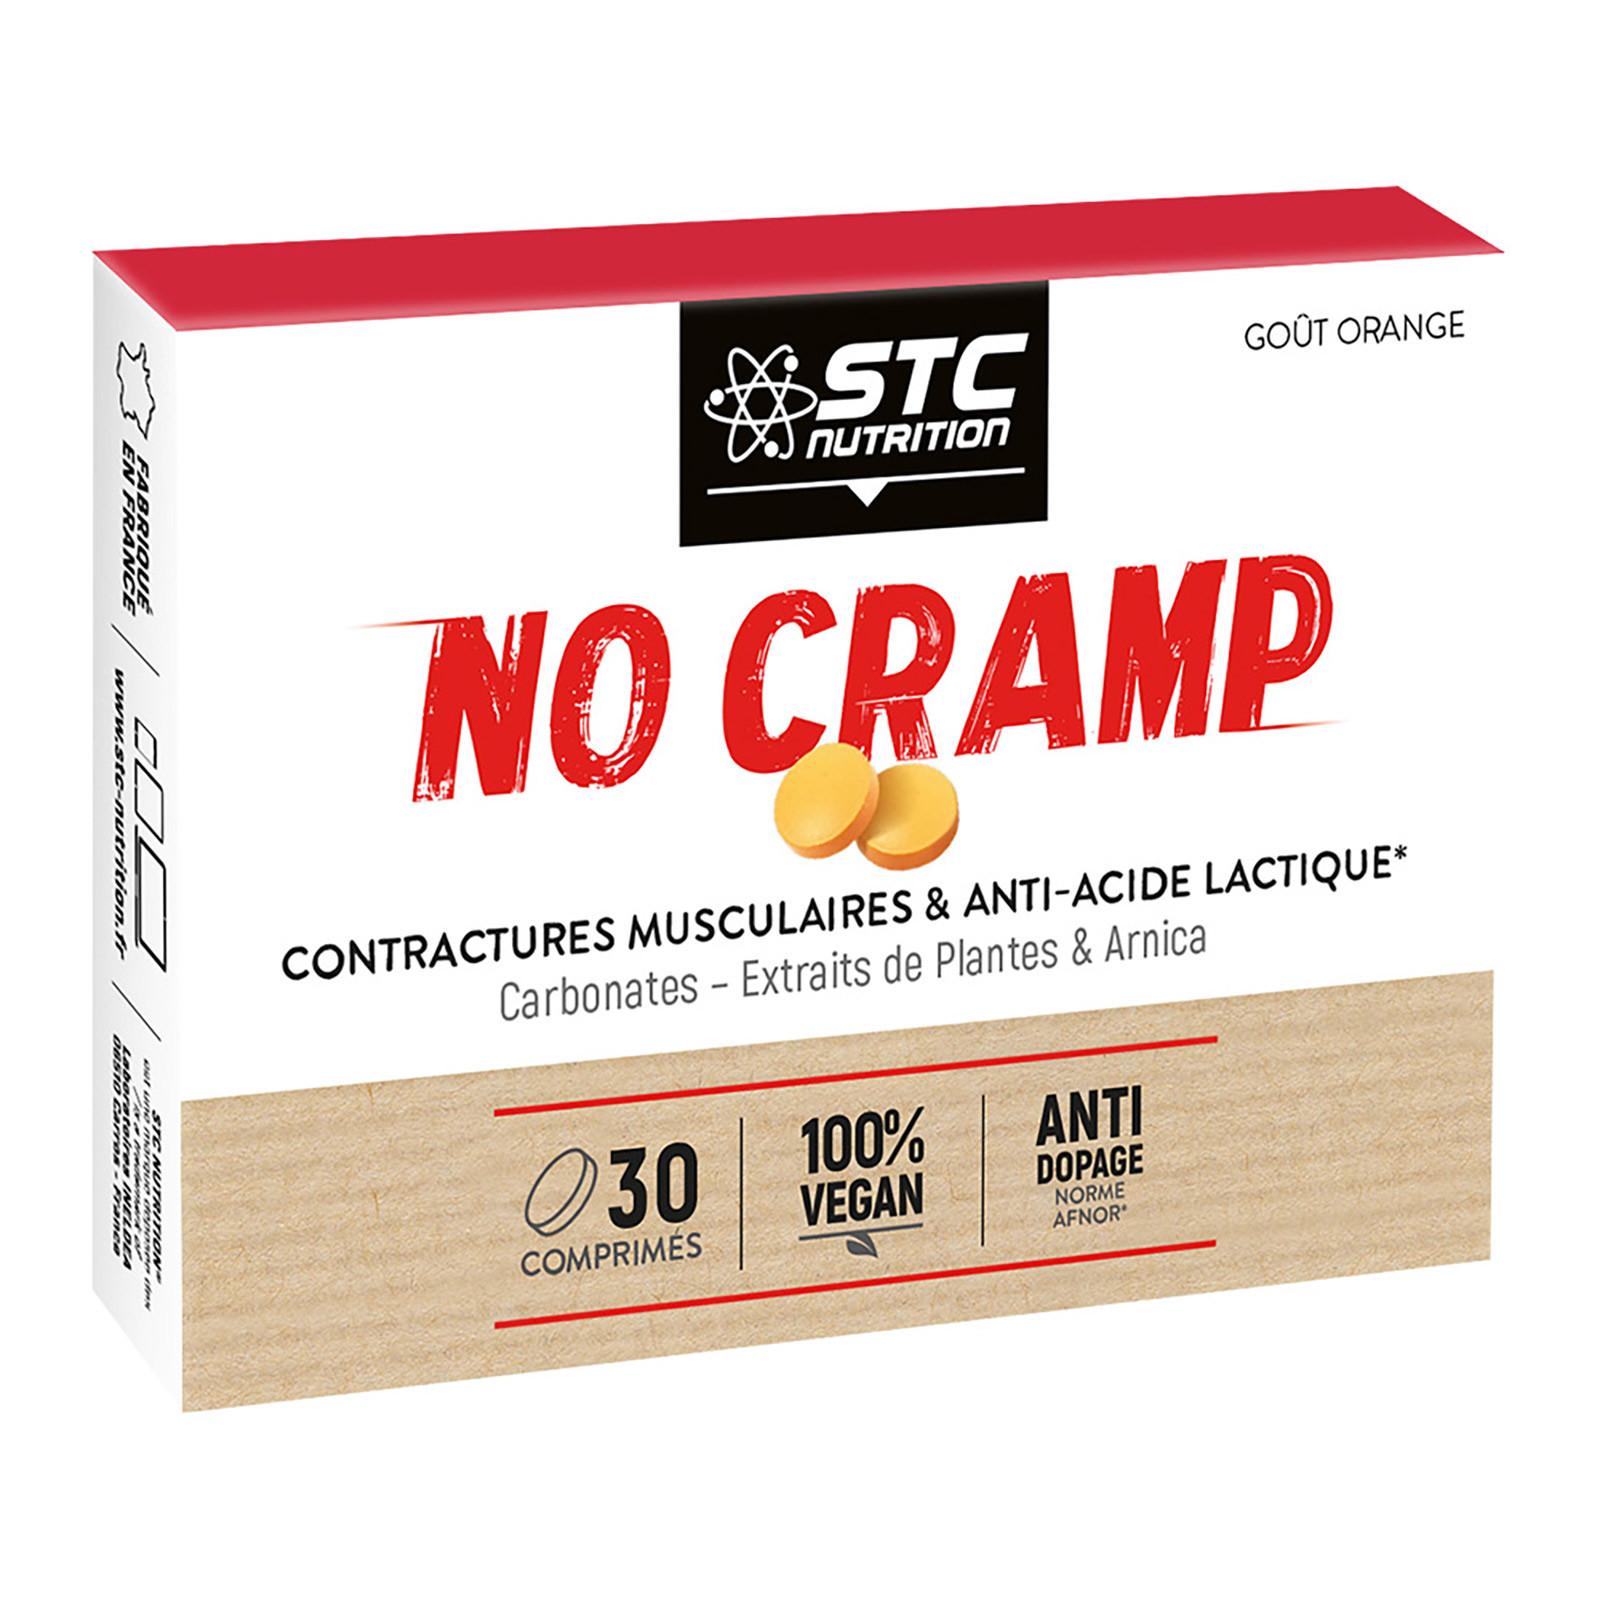 STC Nutrition - No Cramp - Contracture musculaire - 30 comprimés